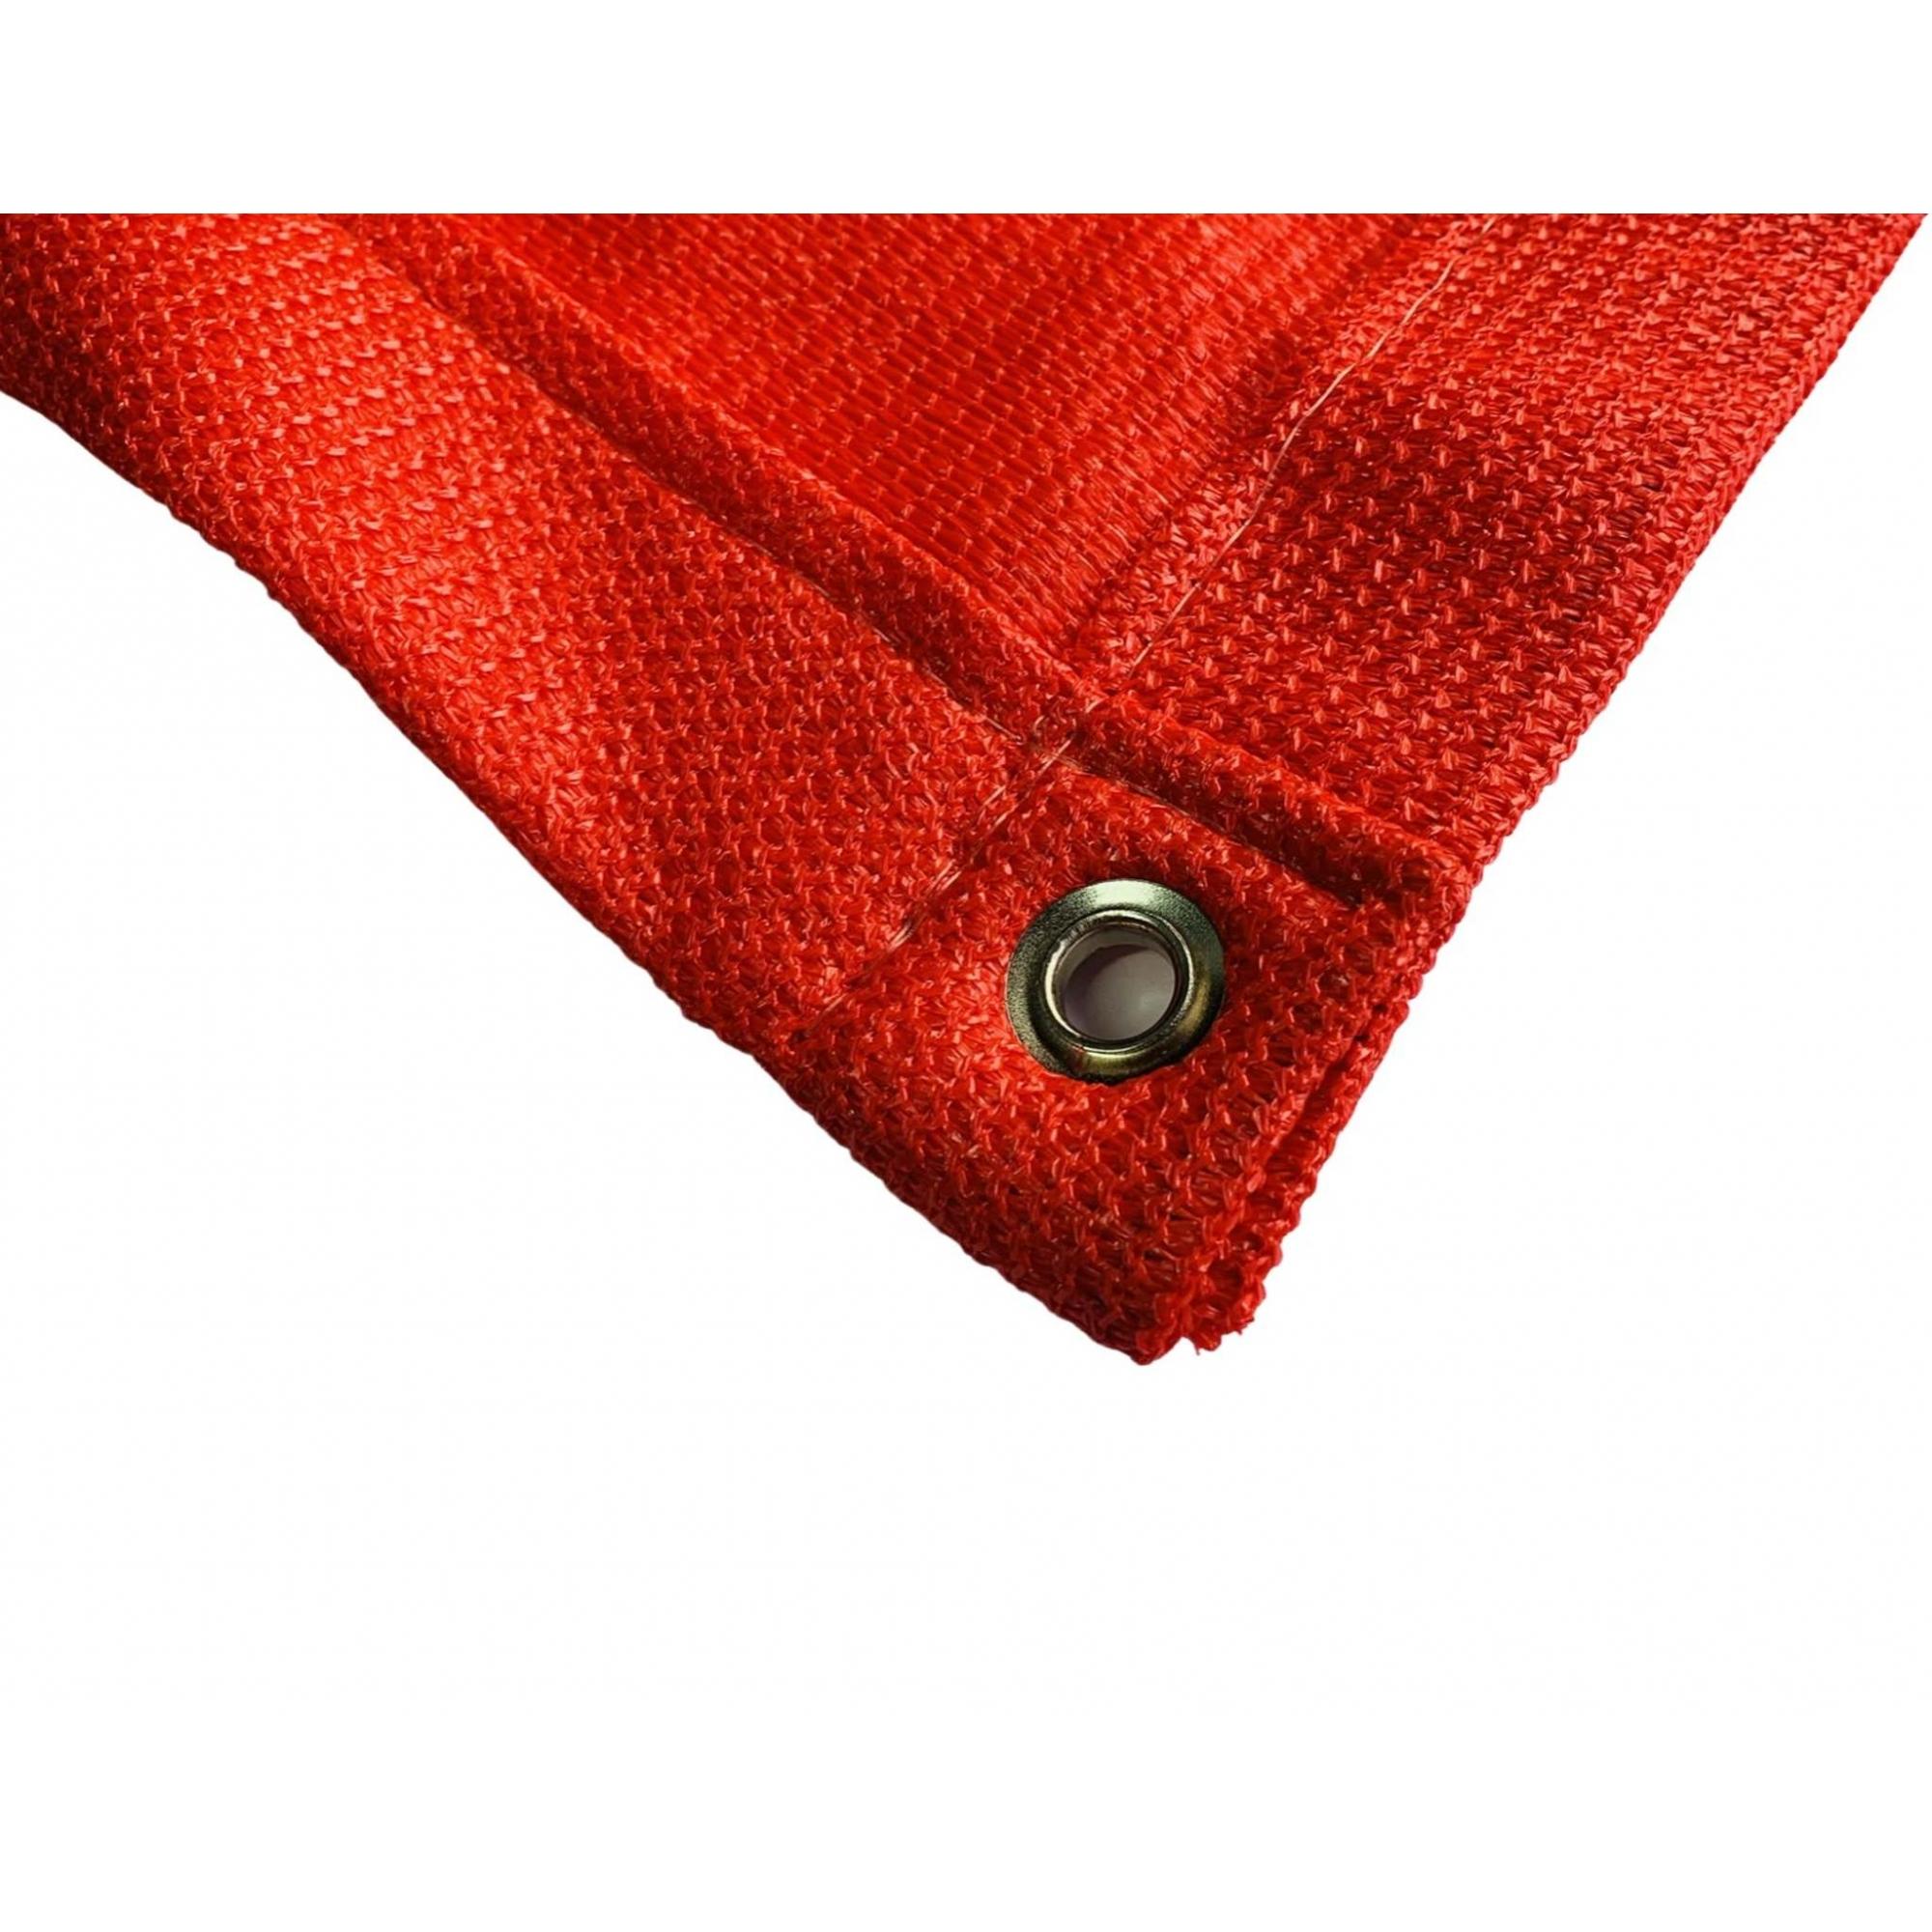 Tela de Sombreamento 90% Vermelha com Bainha e Ilhós - Largura: 2,8 Metros